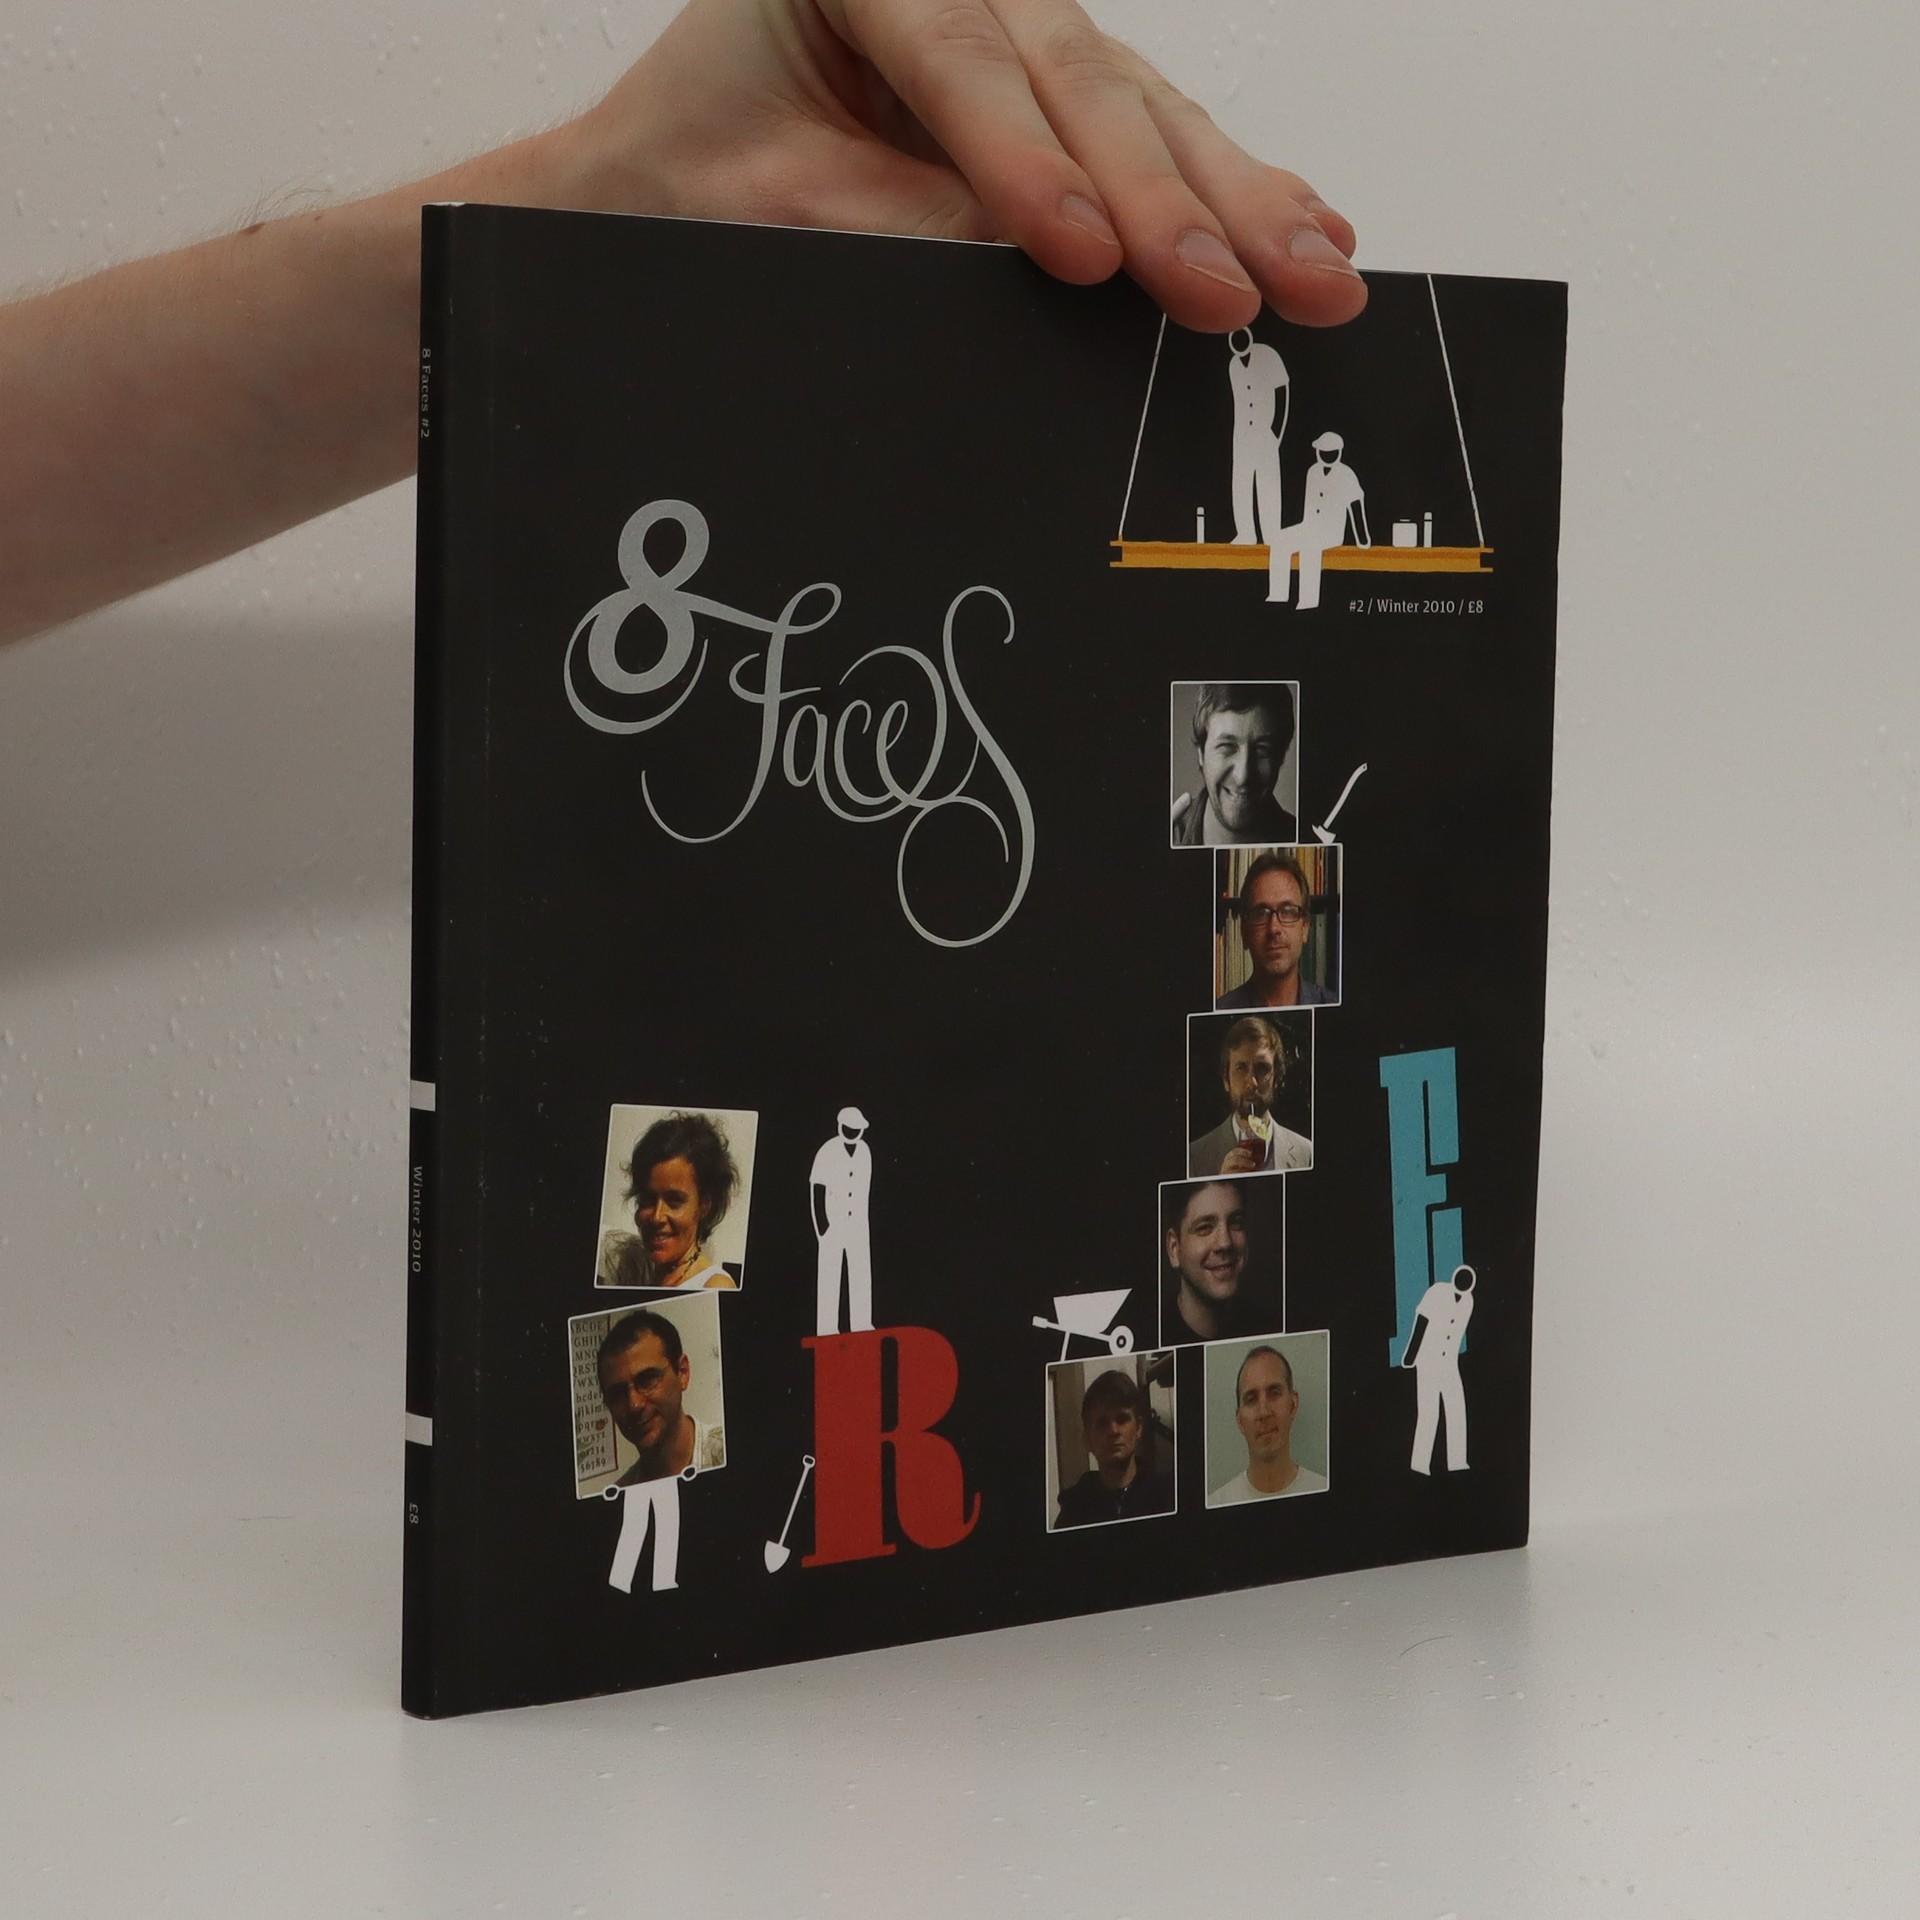 antikvární kniha 8 faces - 2. díl, 2010